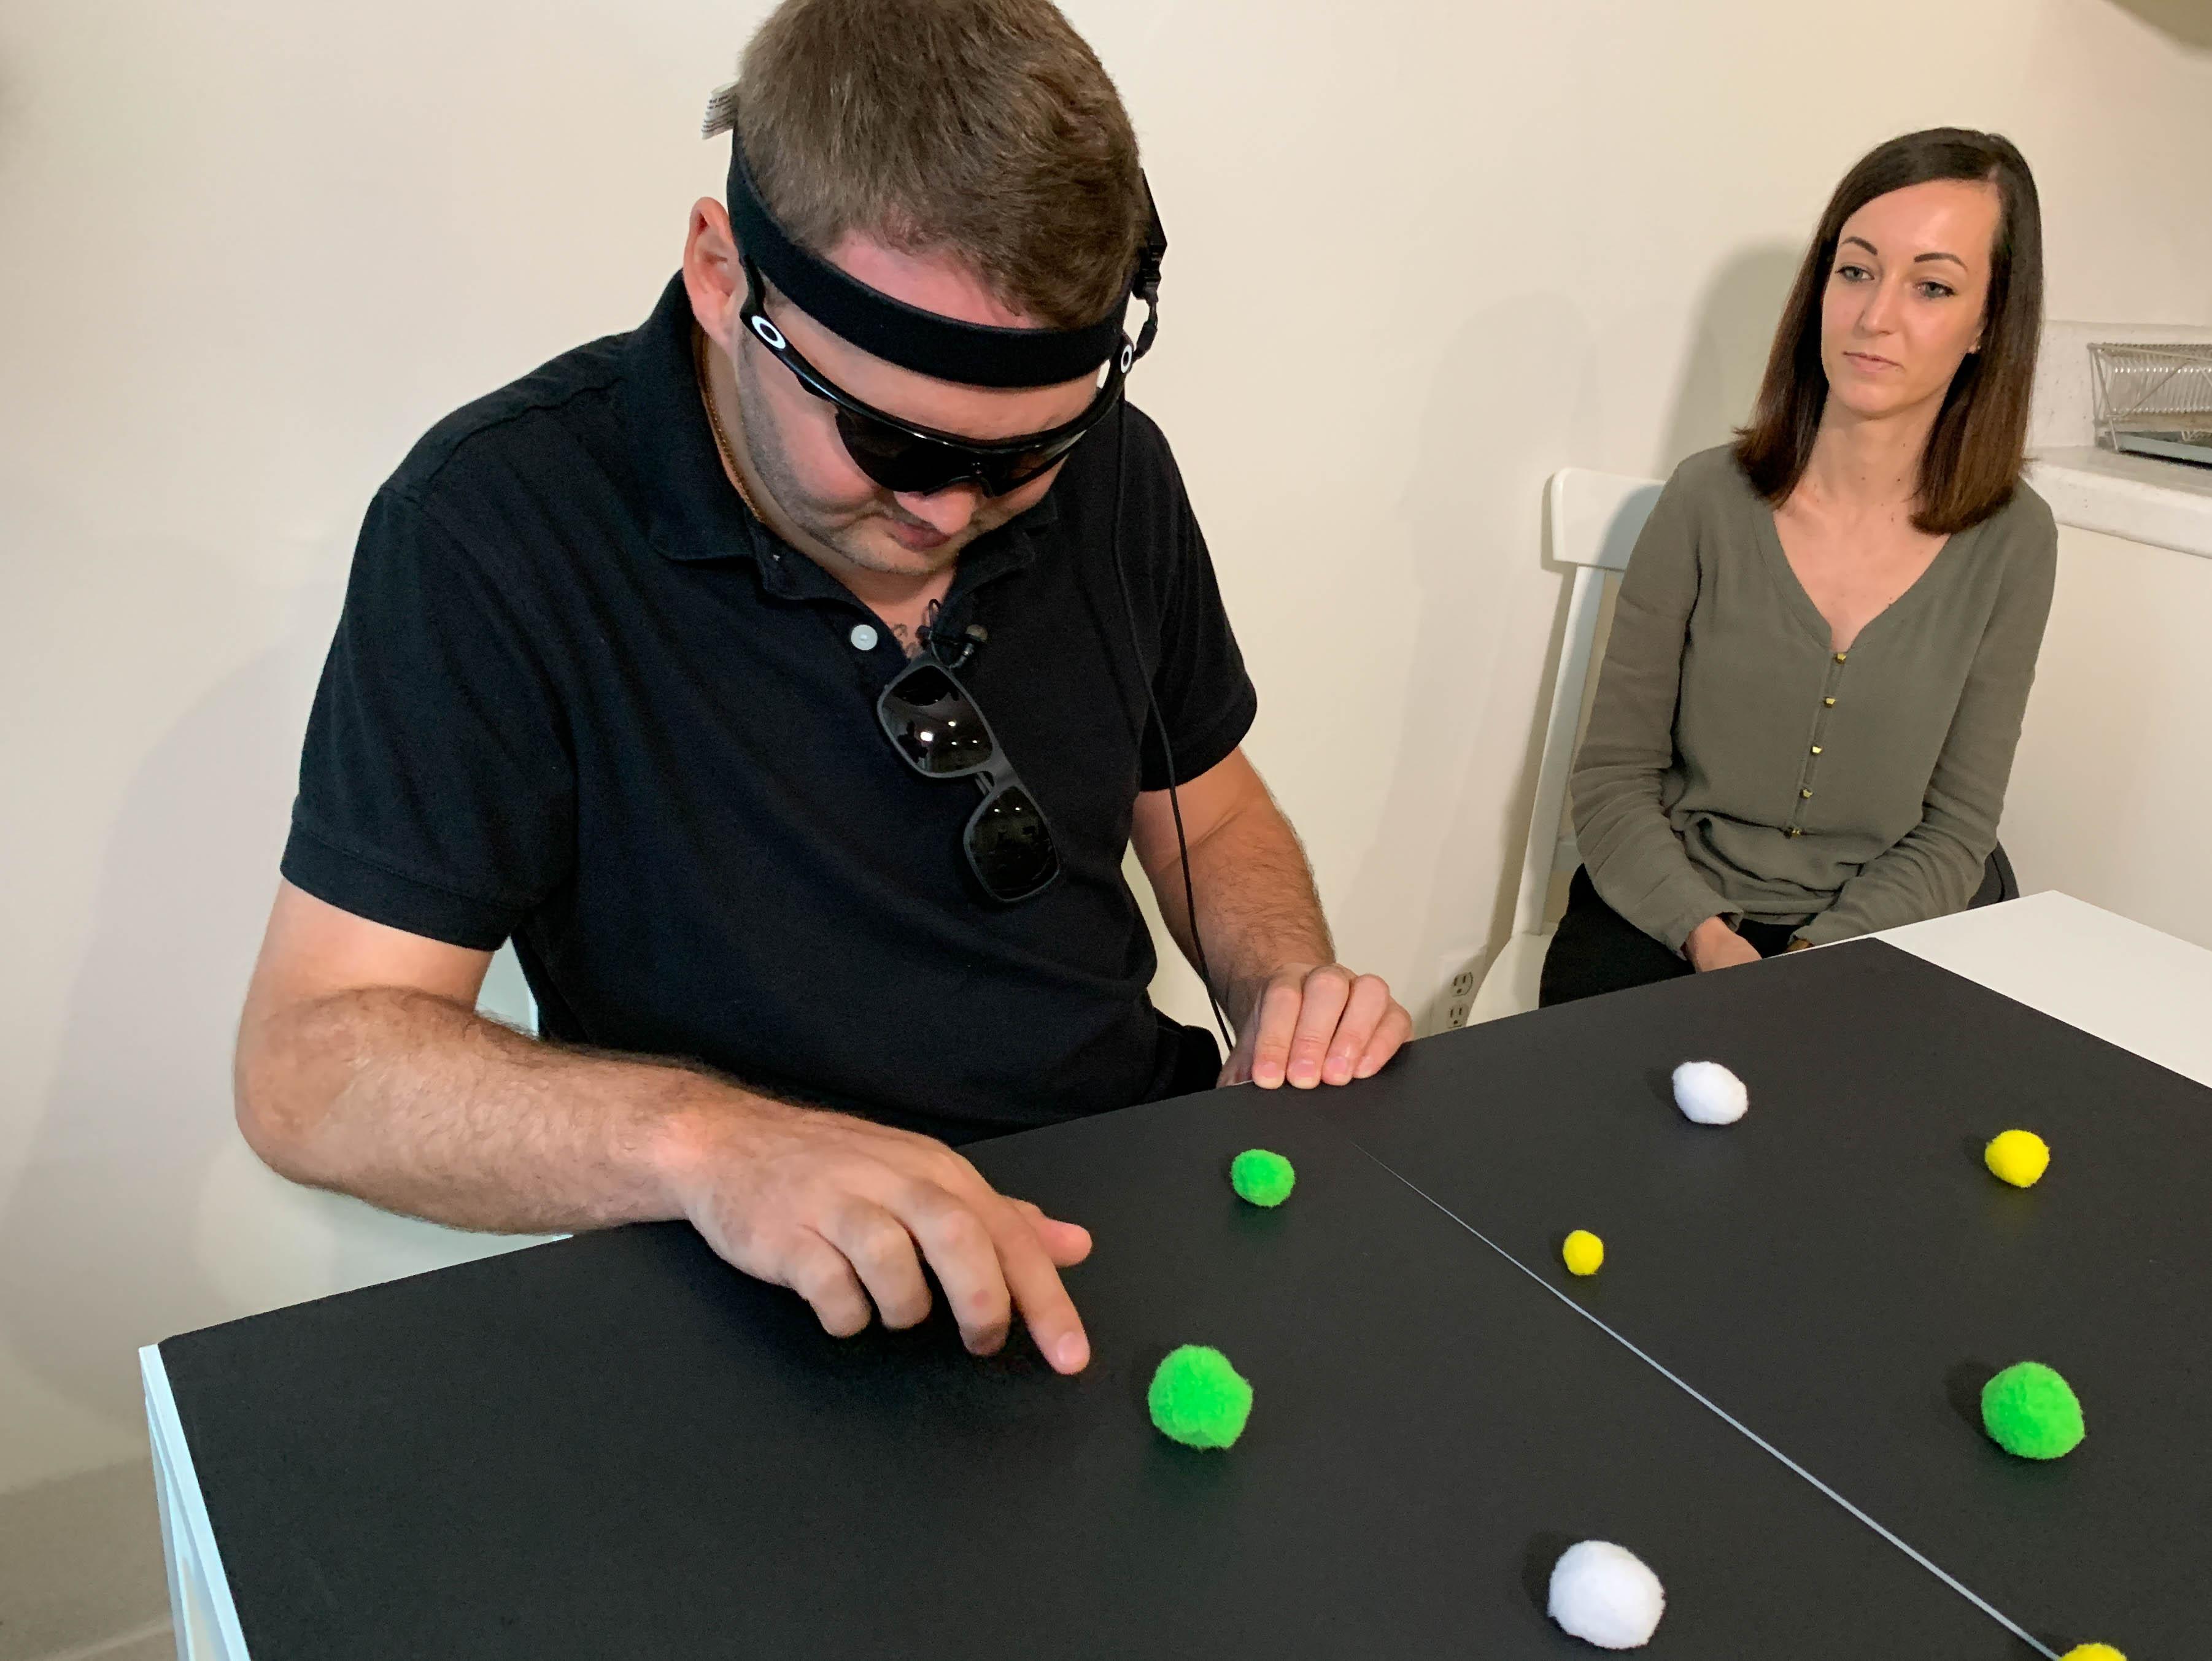 Джейсон Эстерхёйзен, потерявший зрение вавтокатастрофе, ищет предметы, рядом его жена Сумари. Видеокамера наочках передаёт сигналы устройству вего мозгу, позволяя отличать светлое от тёмного. Фото: UCLA Health.